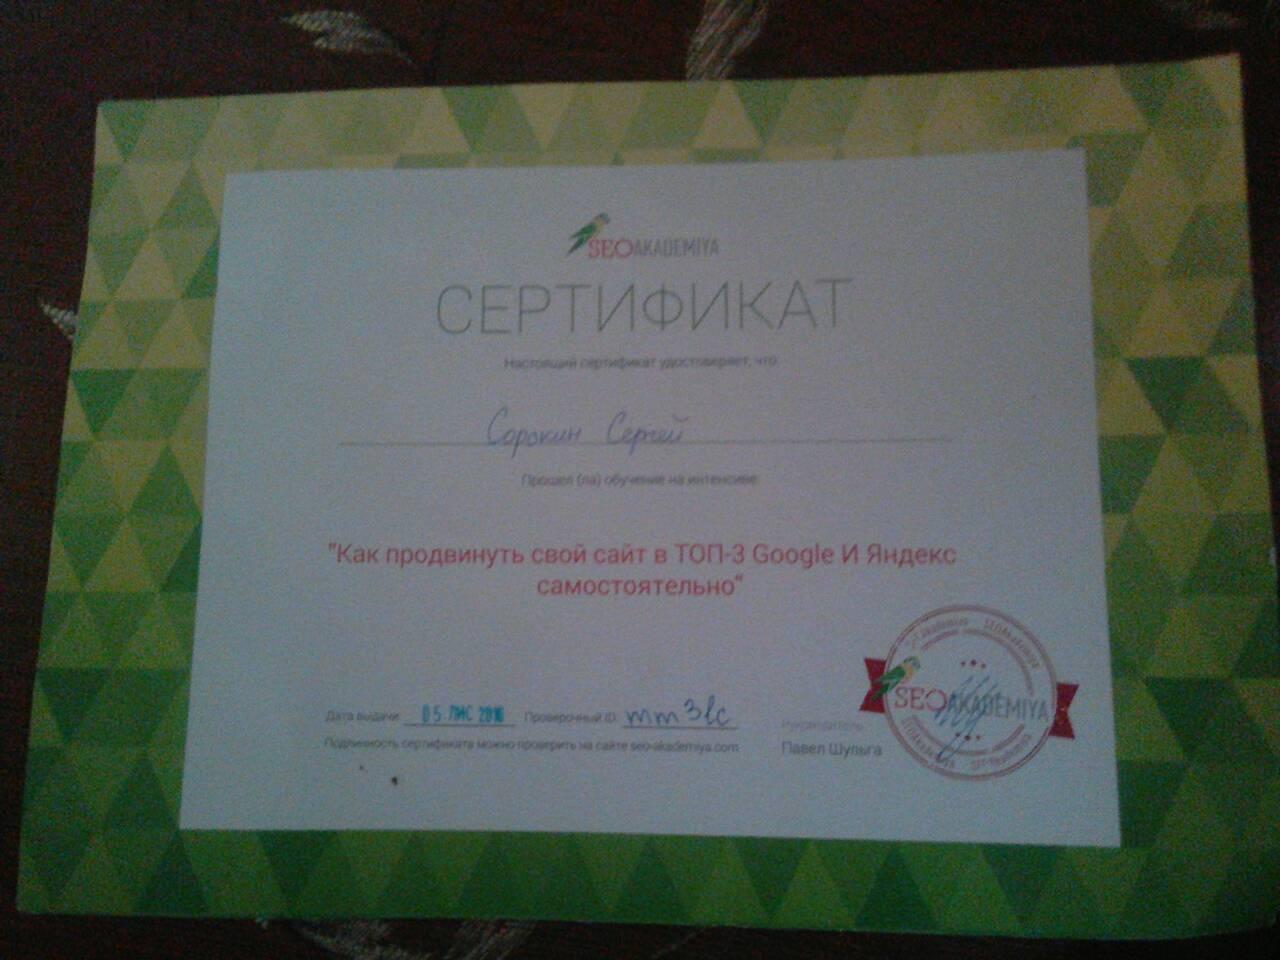 Фото SEO-рывок, сертификат о прохождении